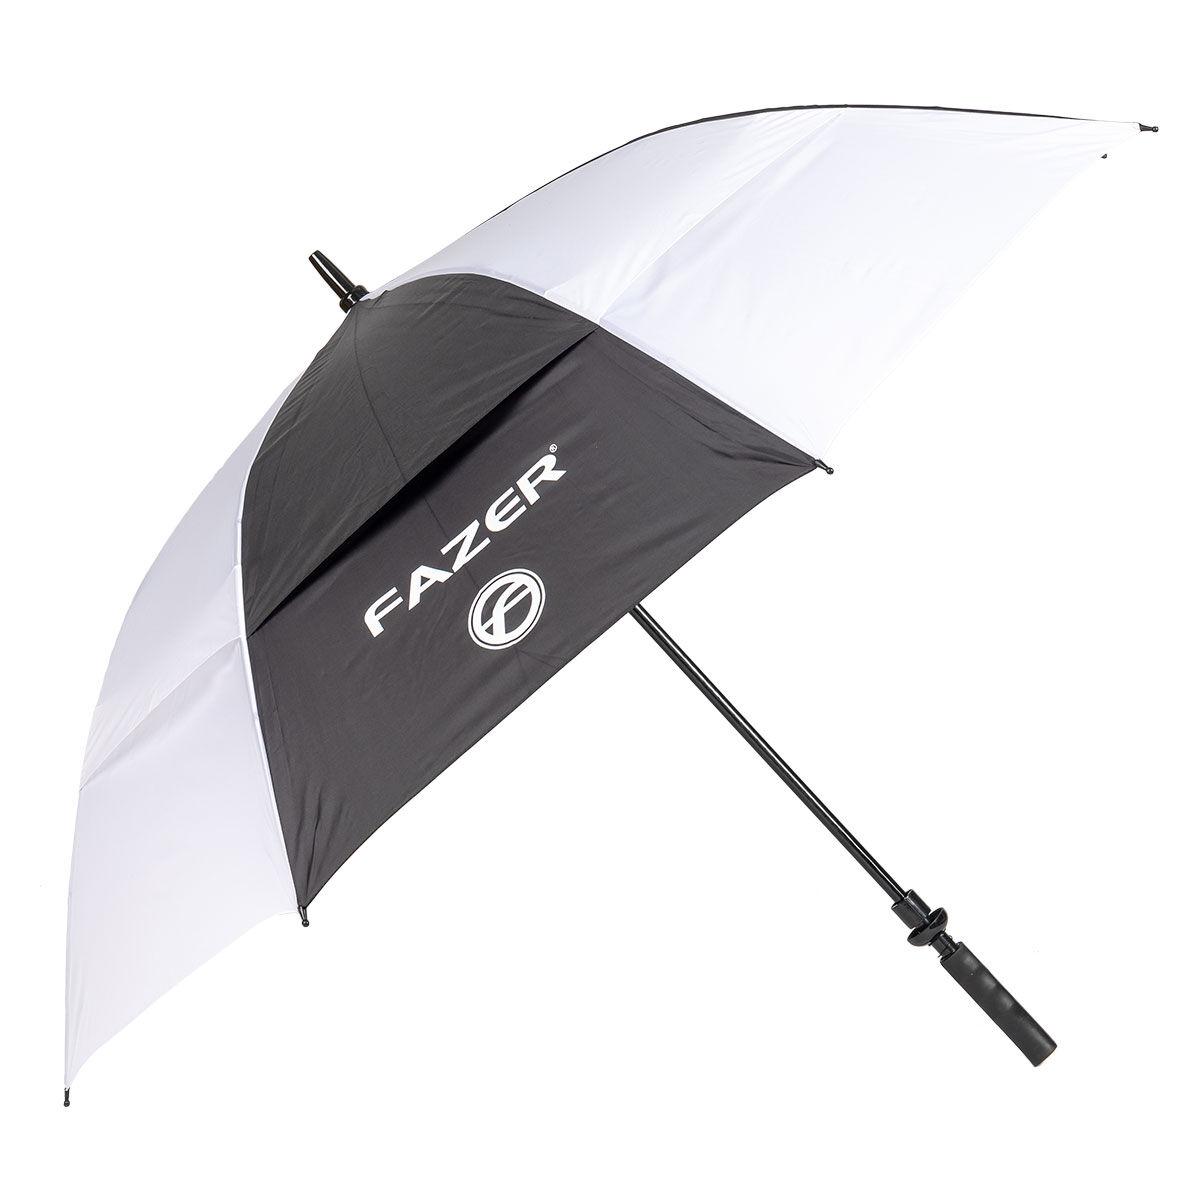 Fazer Black and White Logo Print Dual Canopy Golf Umbrella